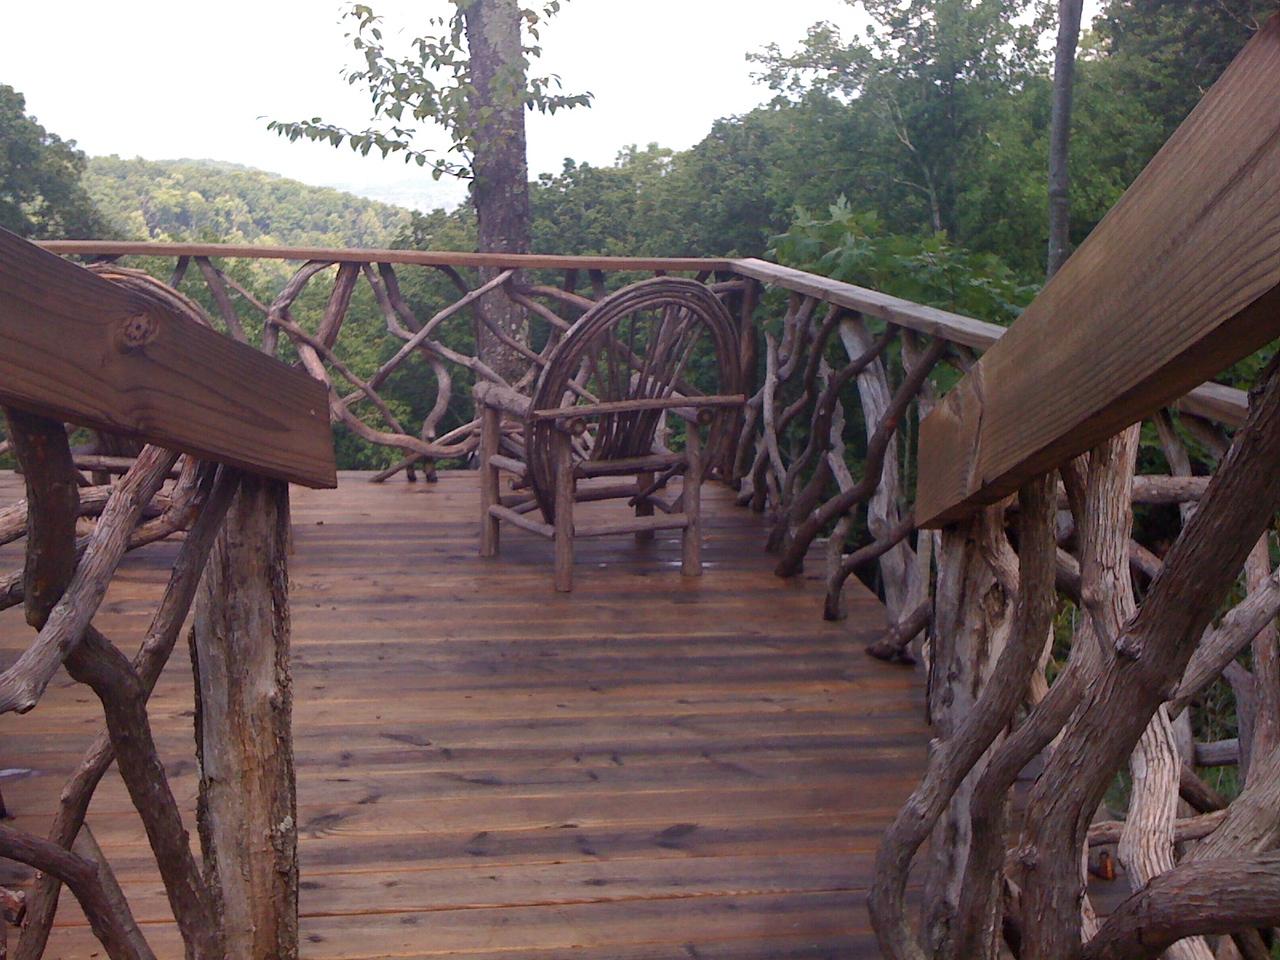 Observation deck with laurel railing